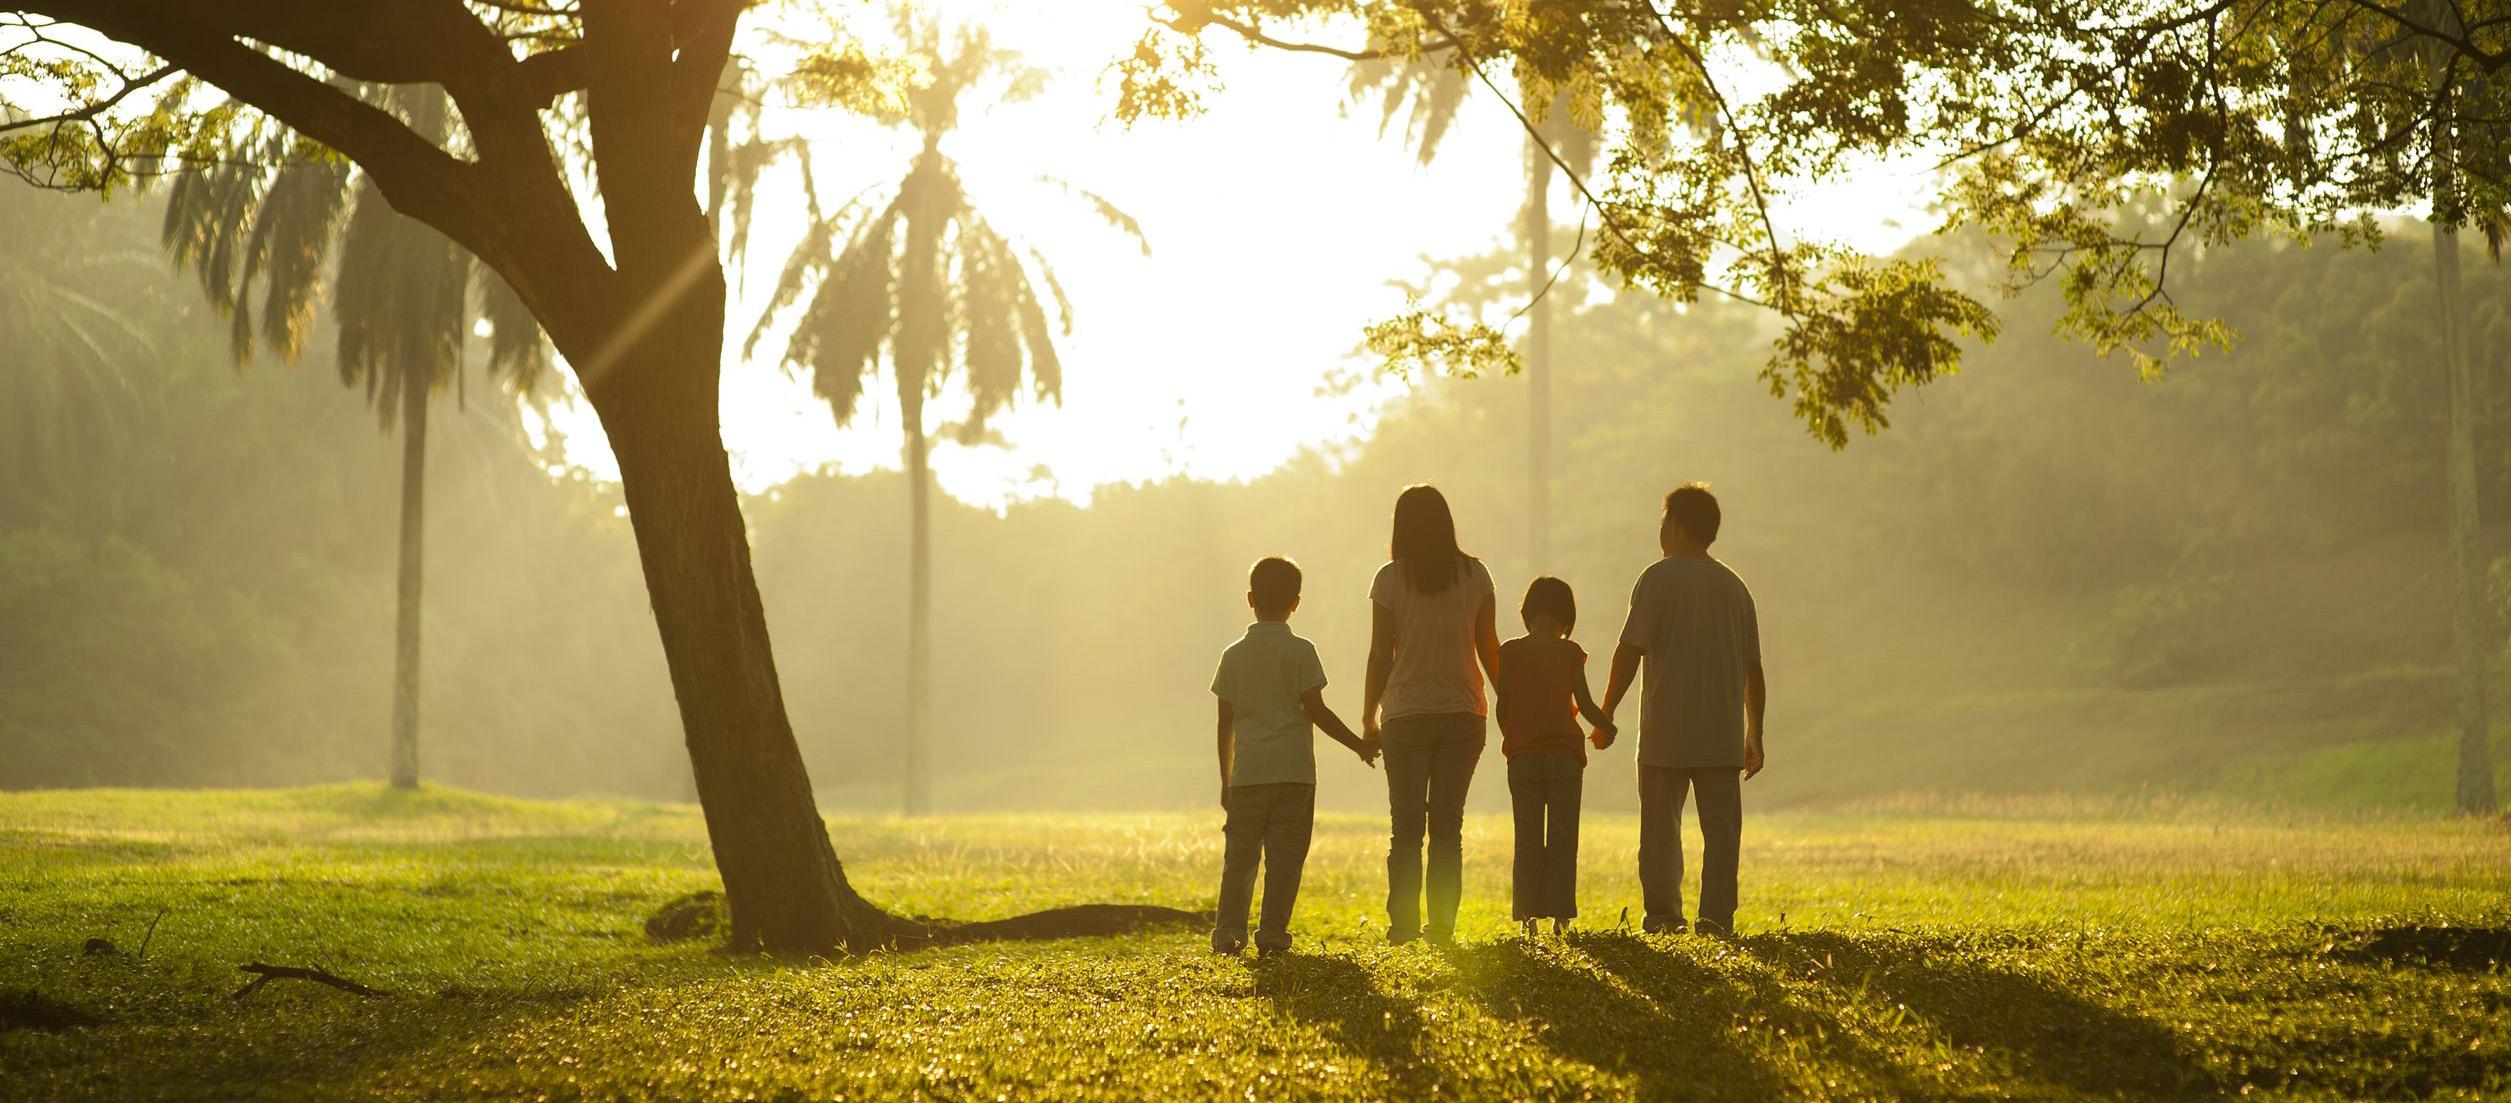 Menikmati udara segar di pagi hari khususnya di alam pedesaan bersama keluarga.